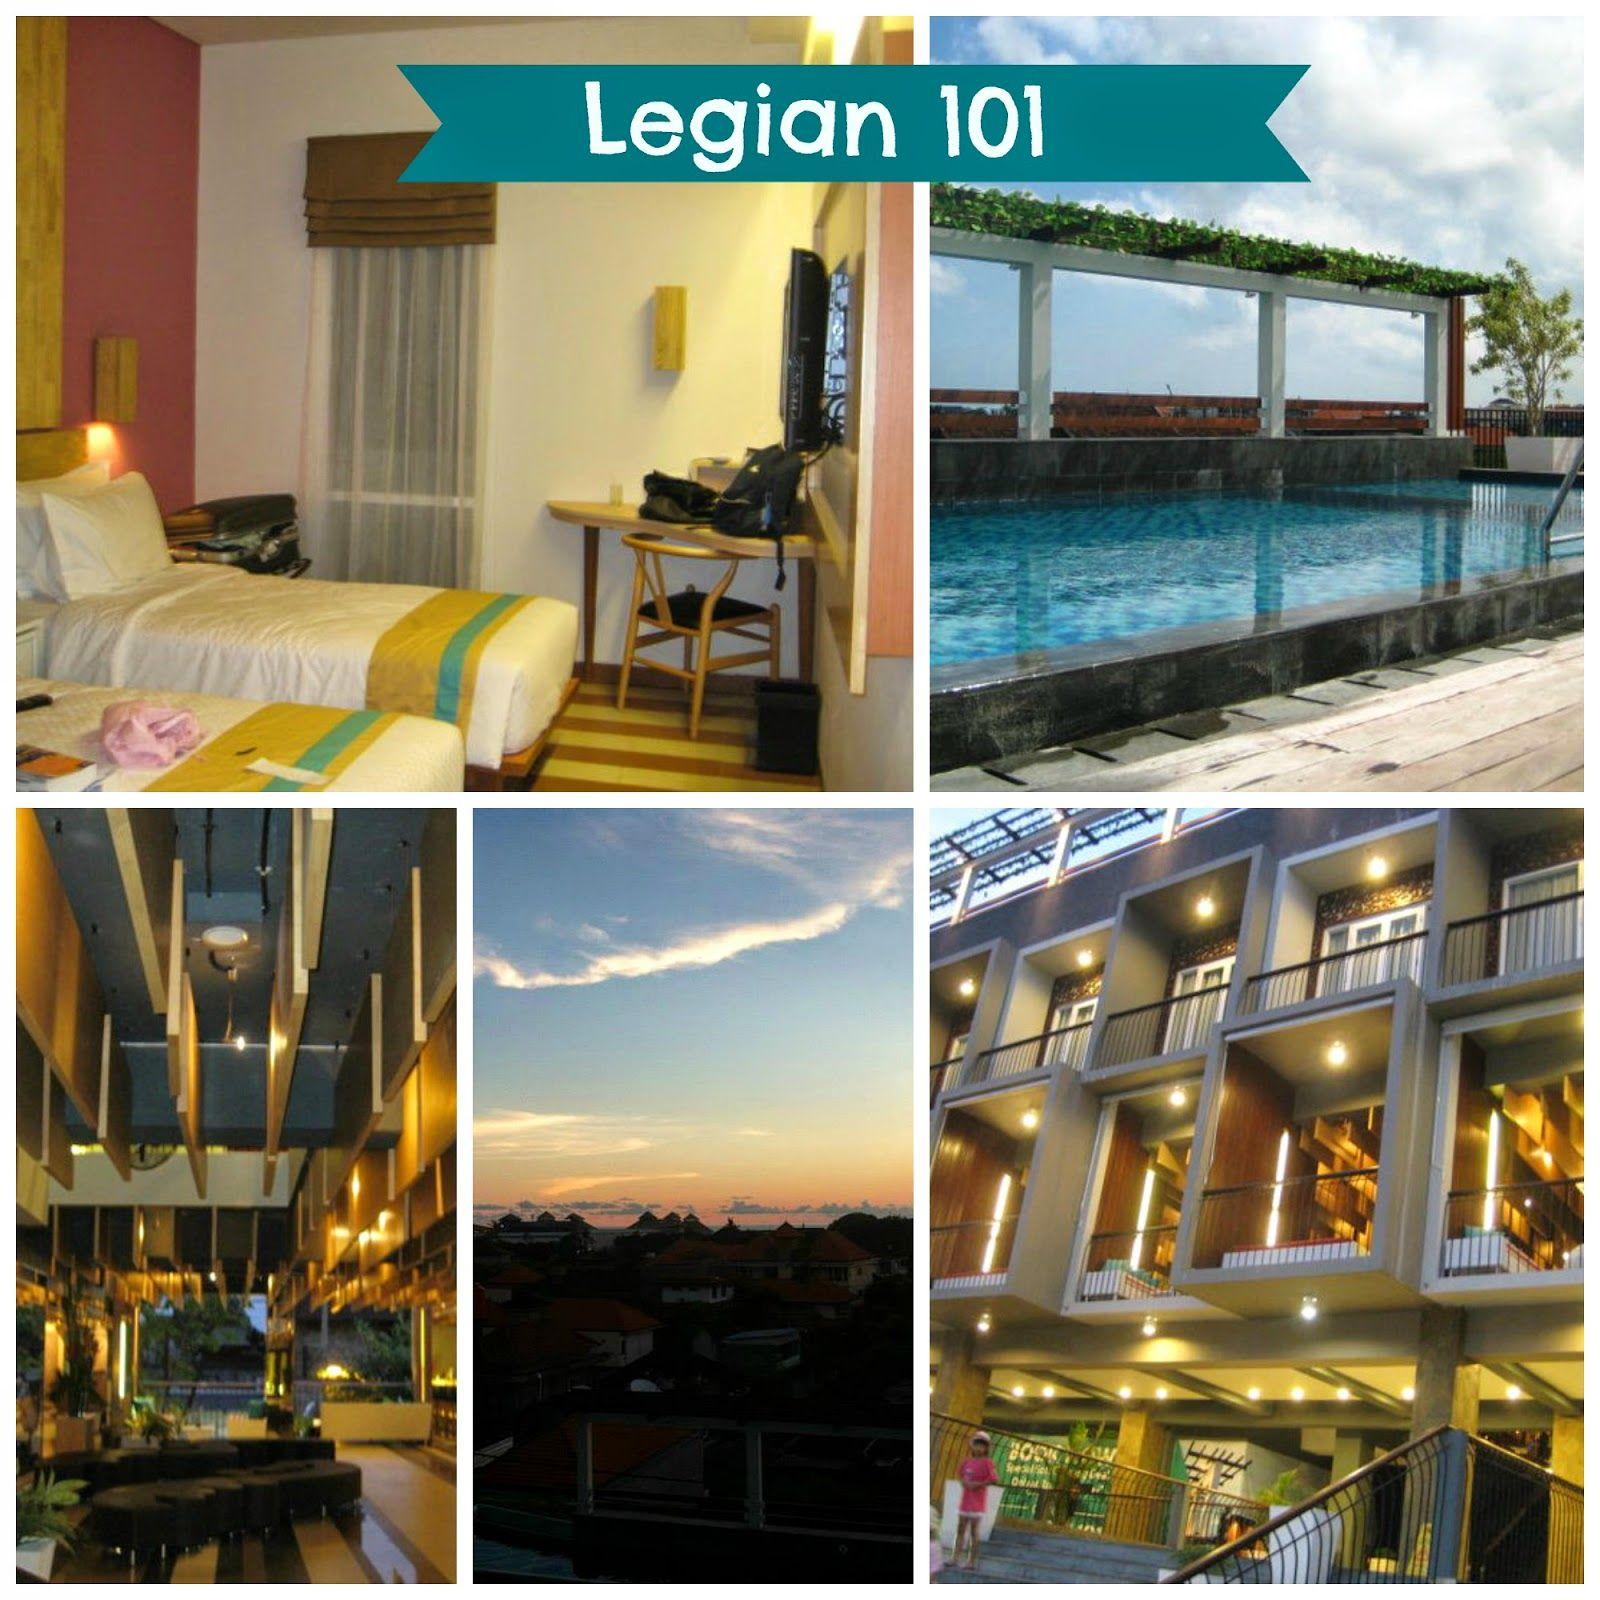 Bali Hotel Legian 101 Kuta Seminyak (con imágenes